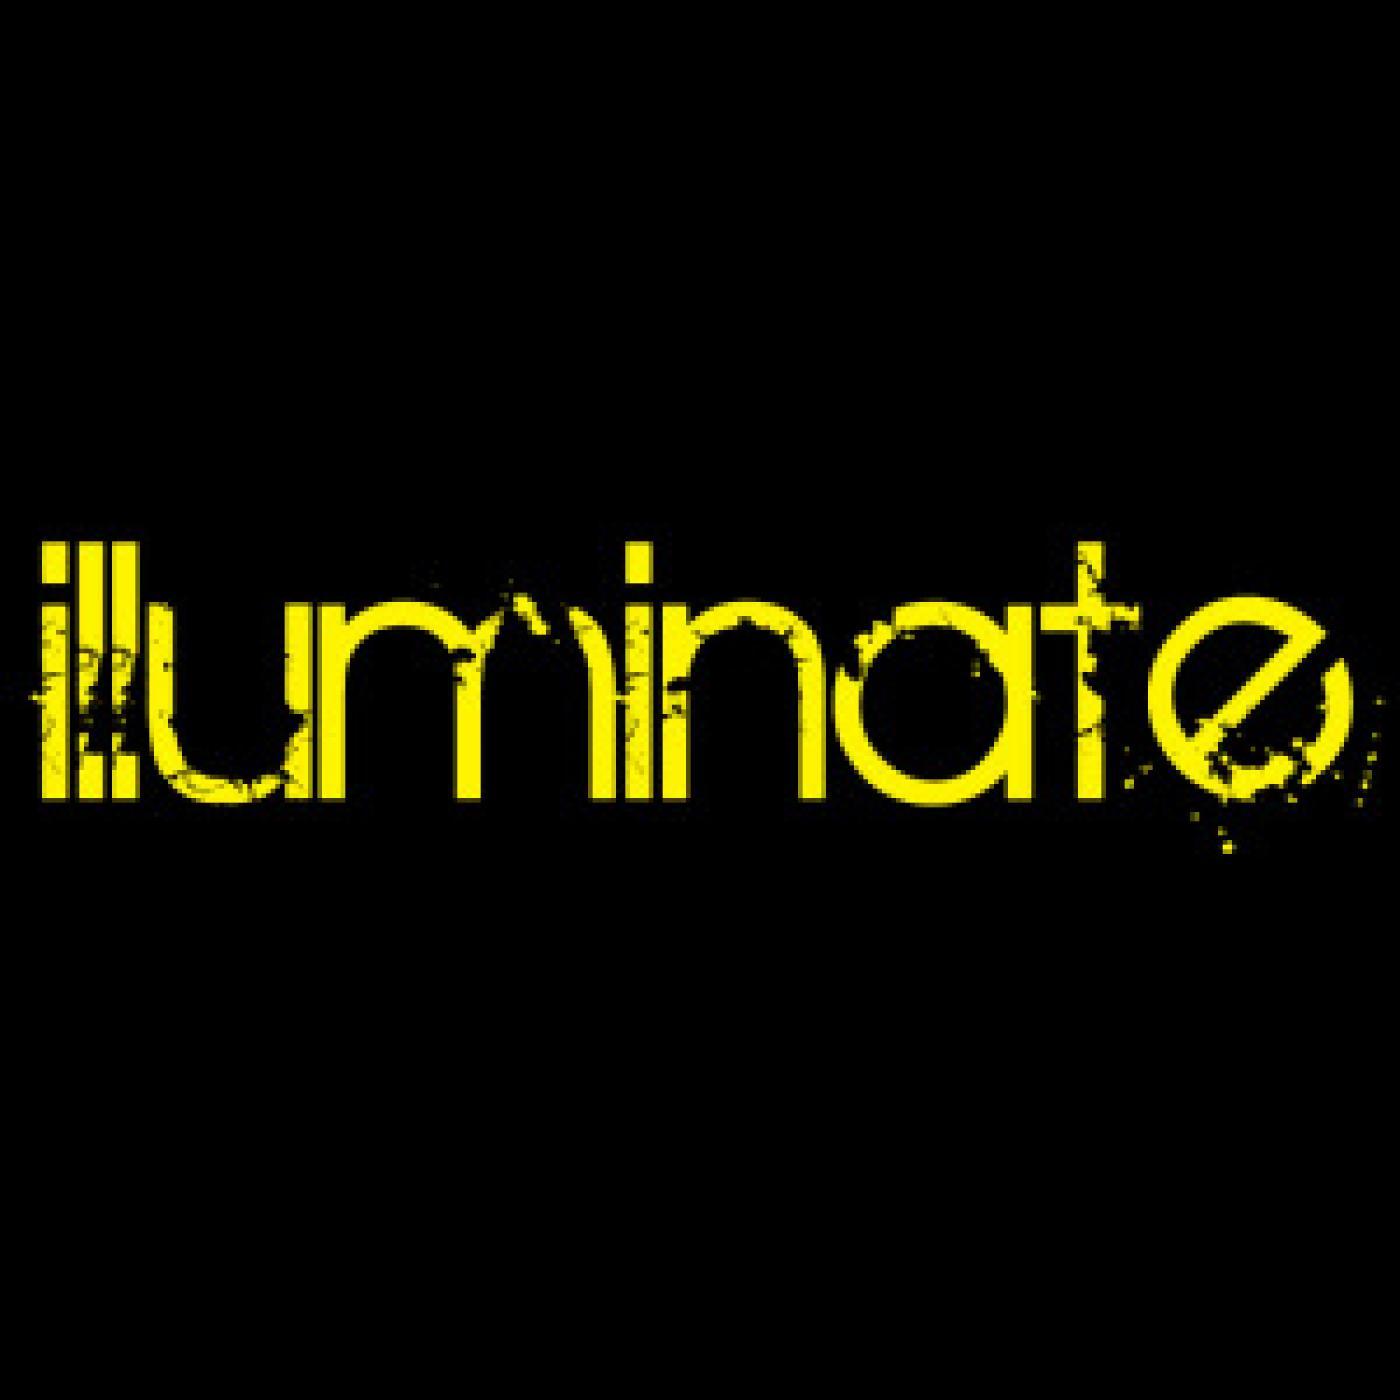 illuminate students